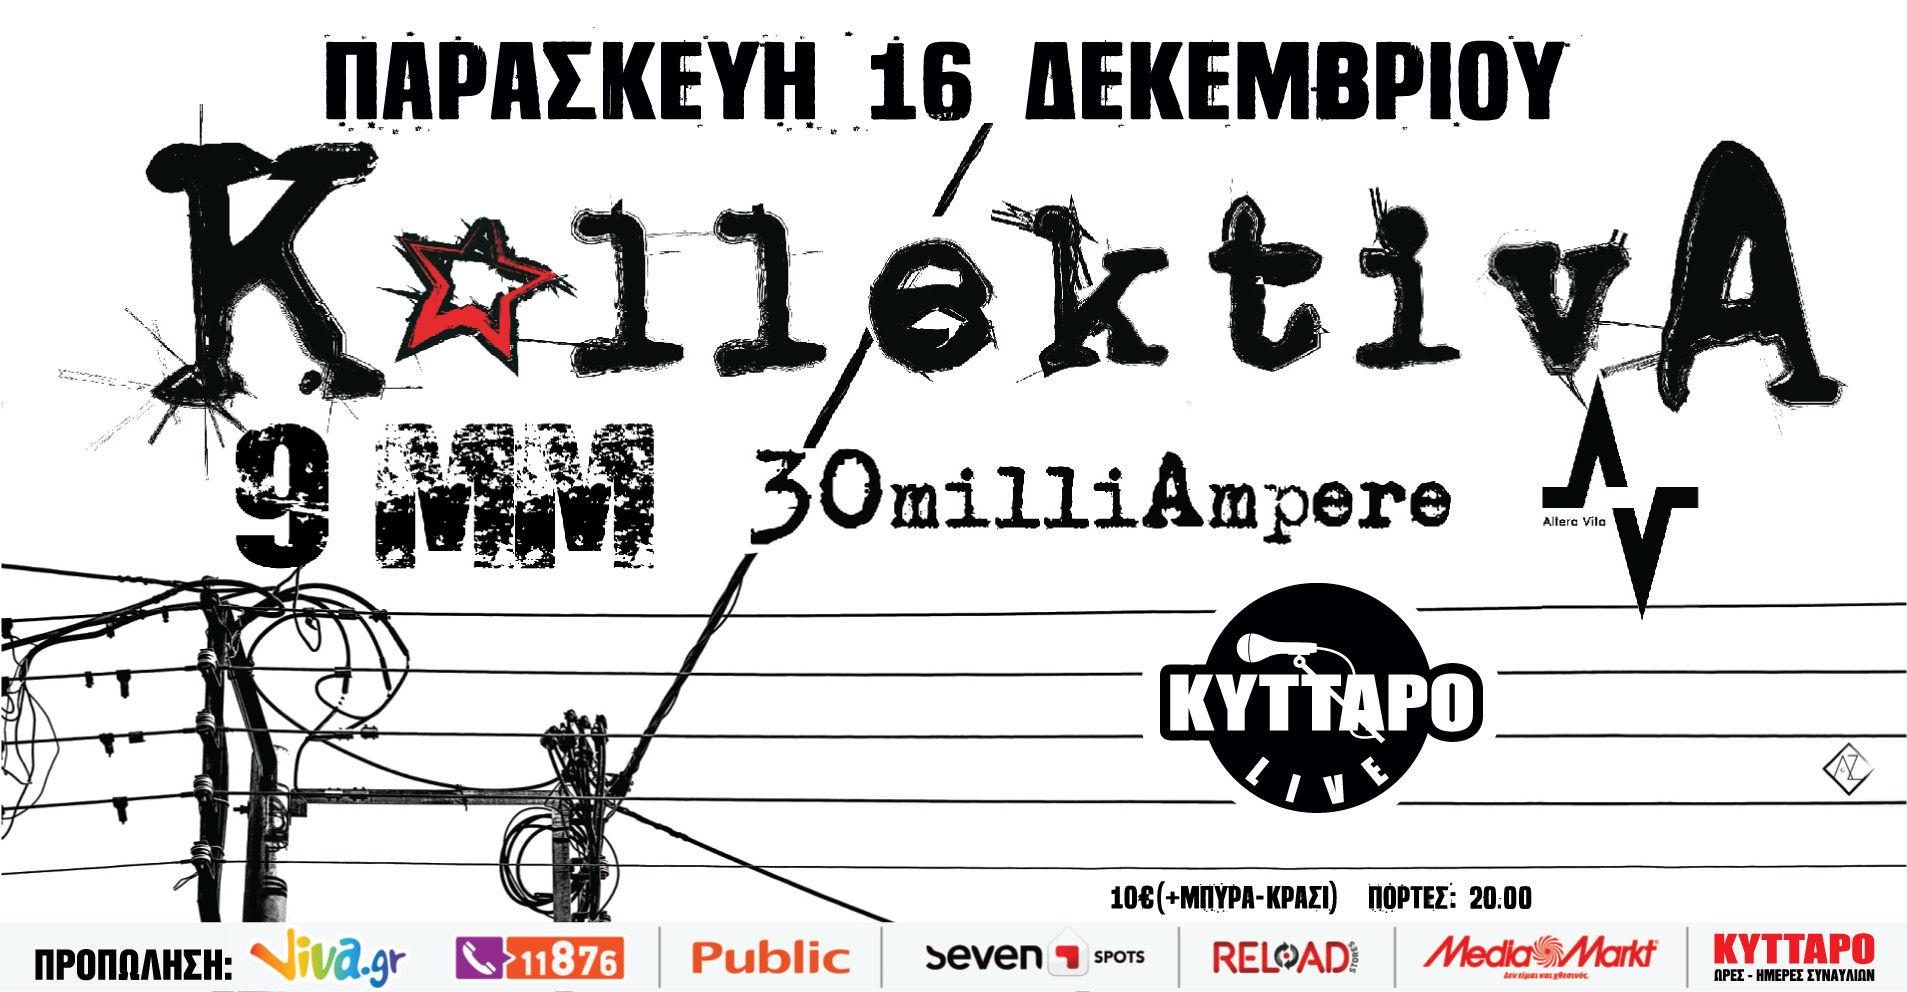 kyttaro-kolektiva-fb-banner